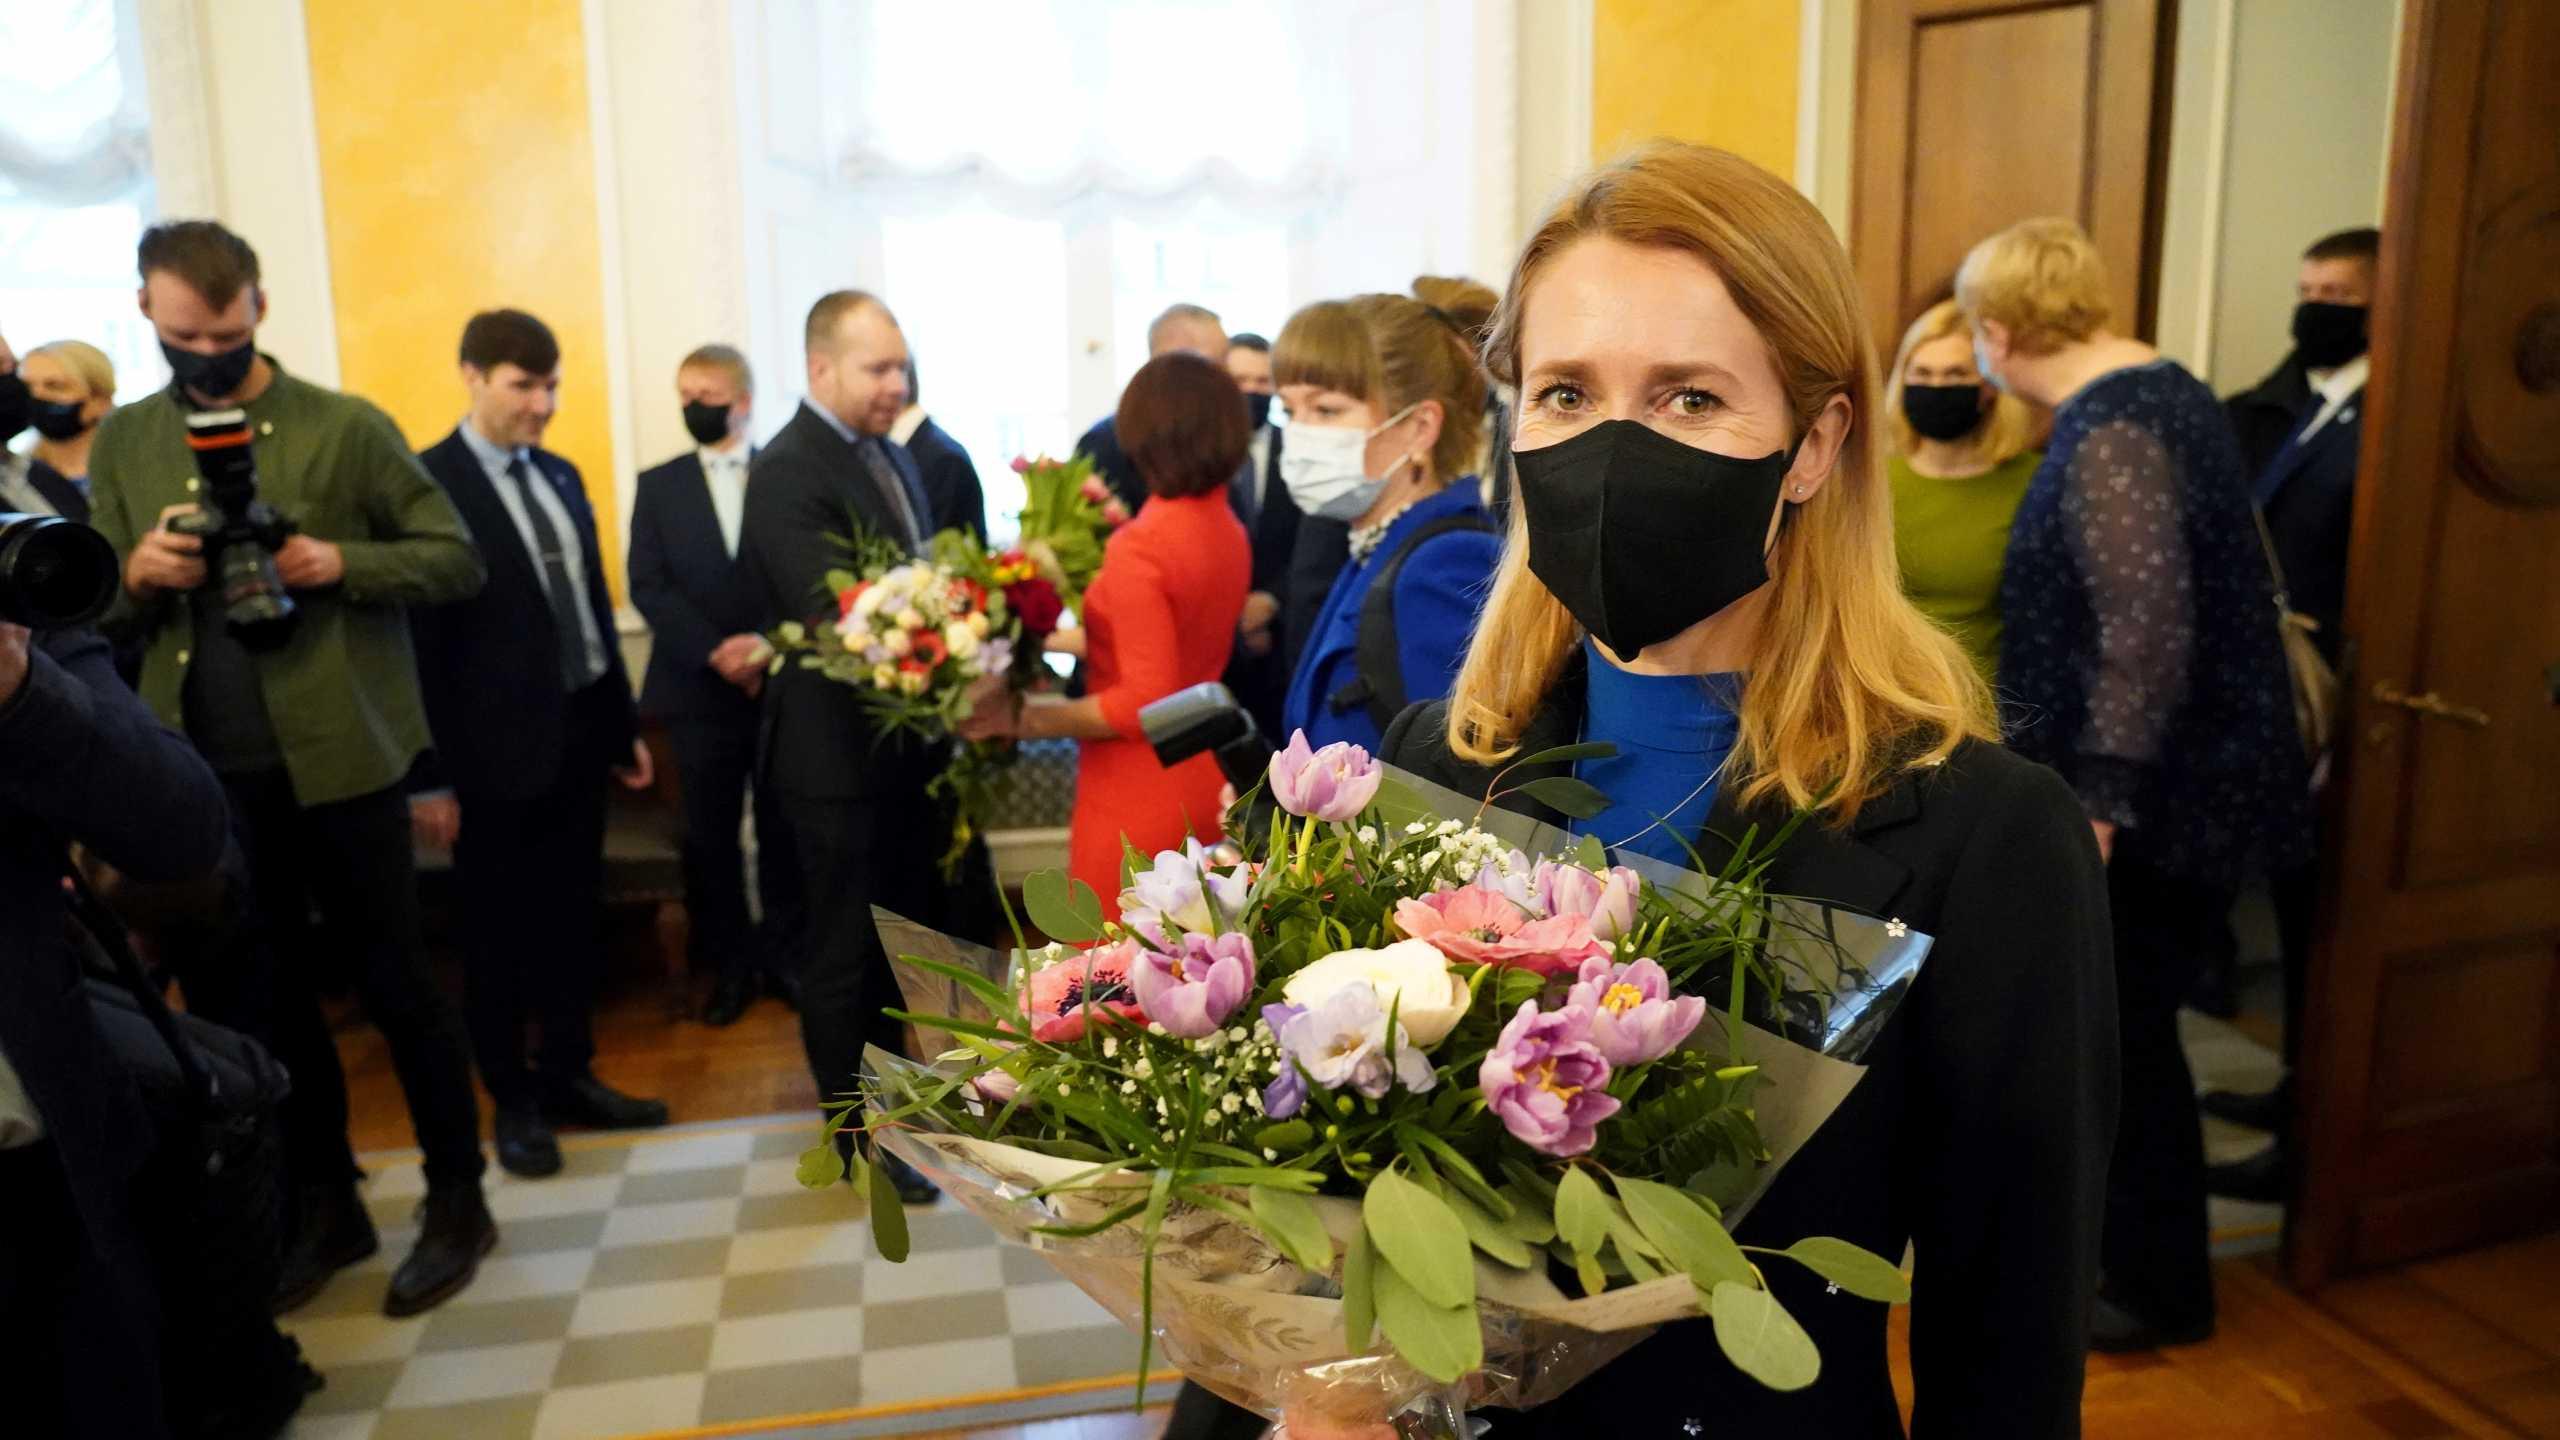 Κάγια Κάλας: Θετική στον κορονοϊό η πρωθυπουργός της Εσθονίας